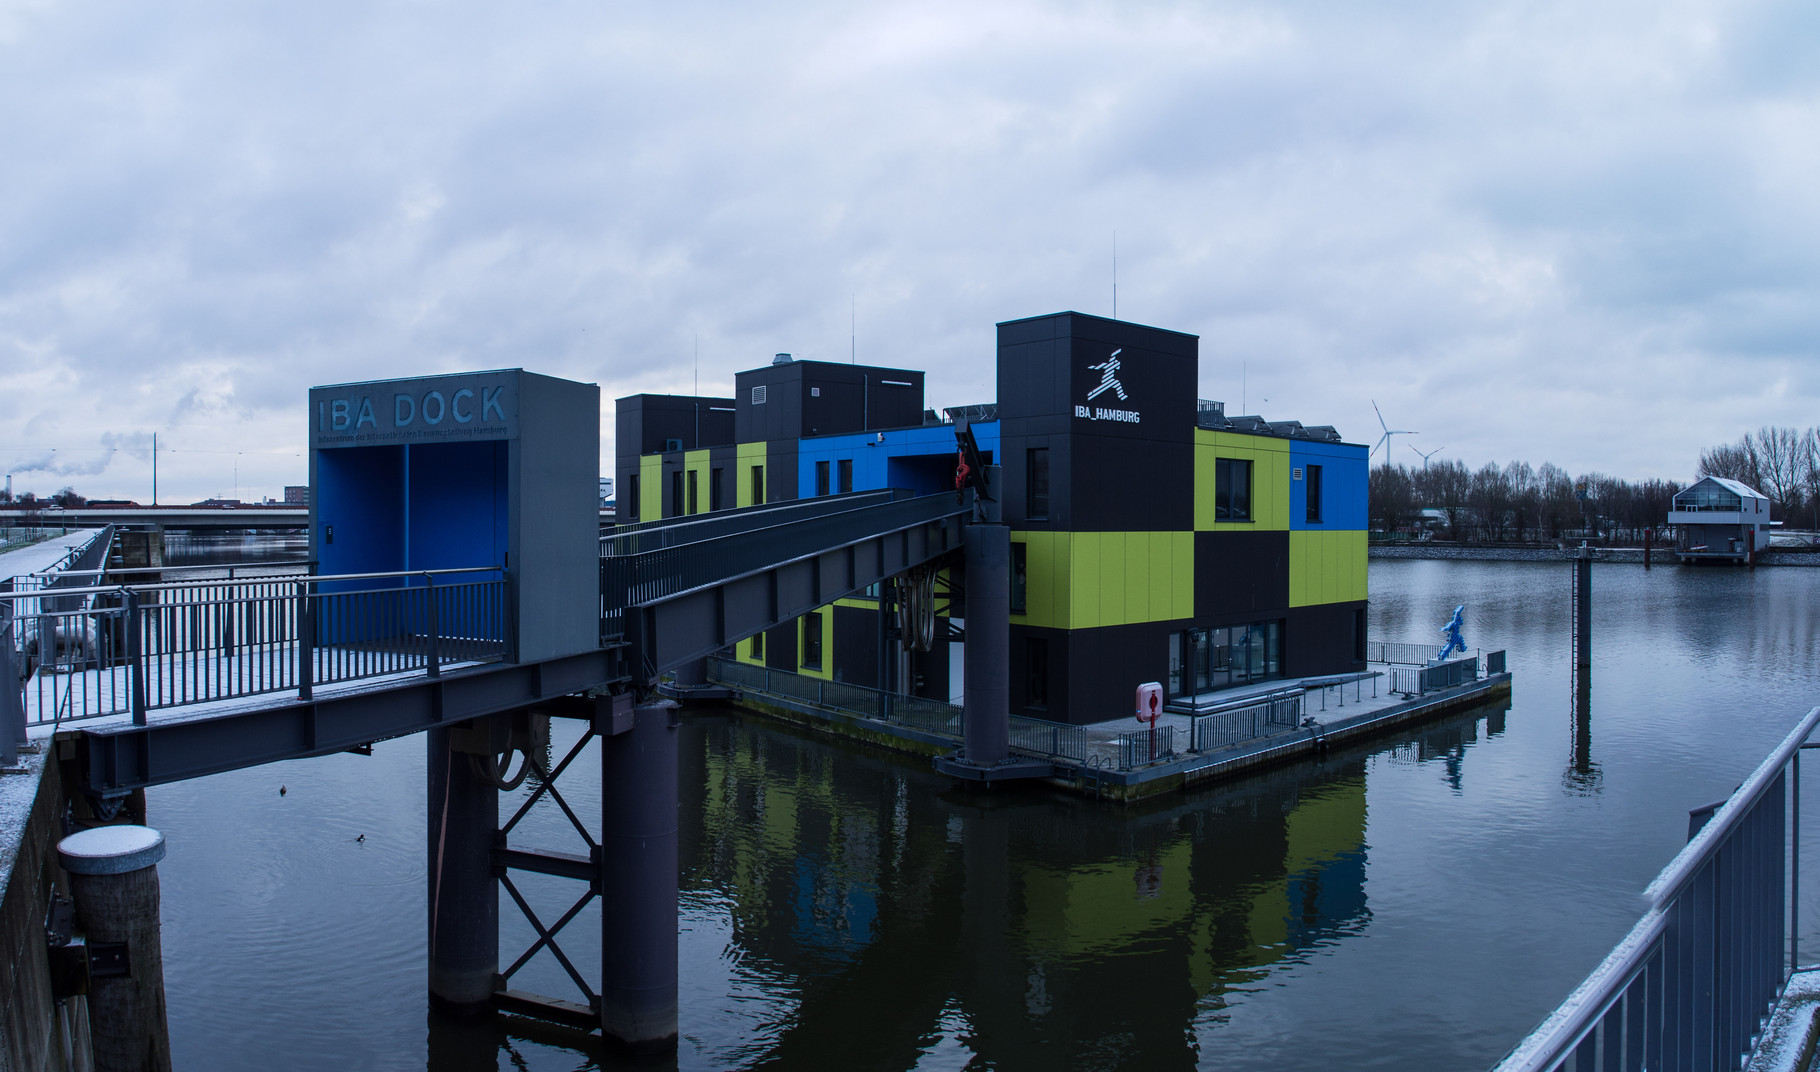 IBA - Dock